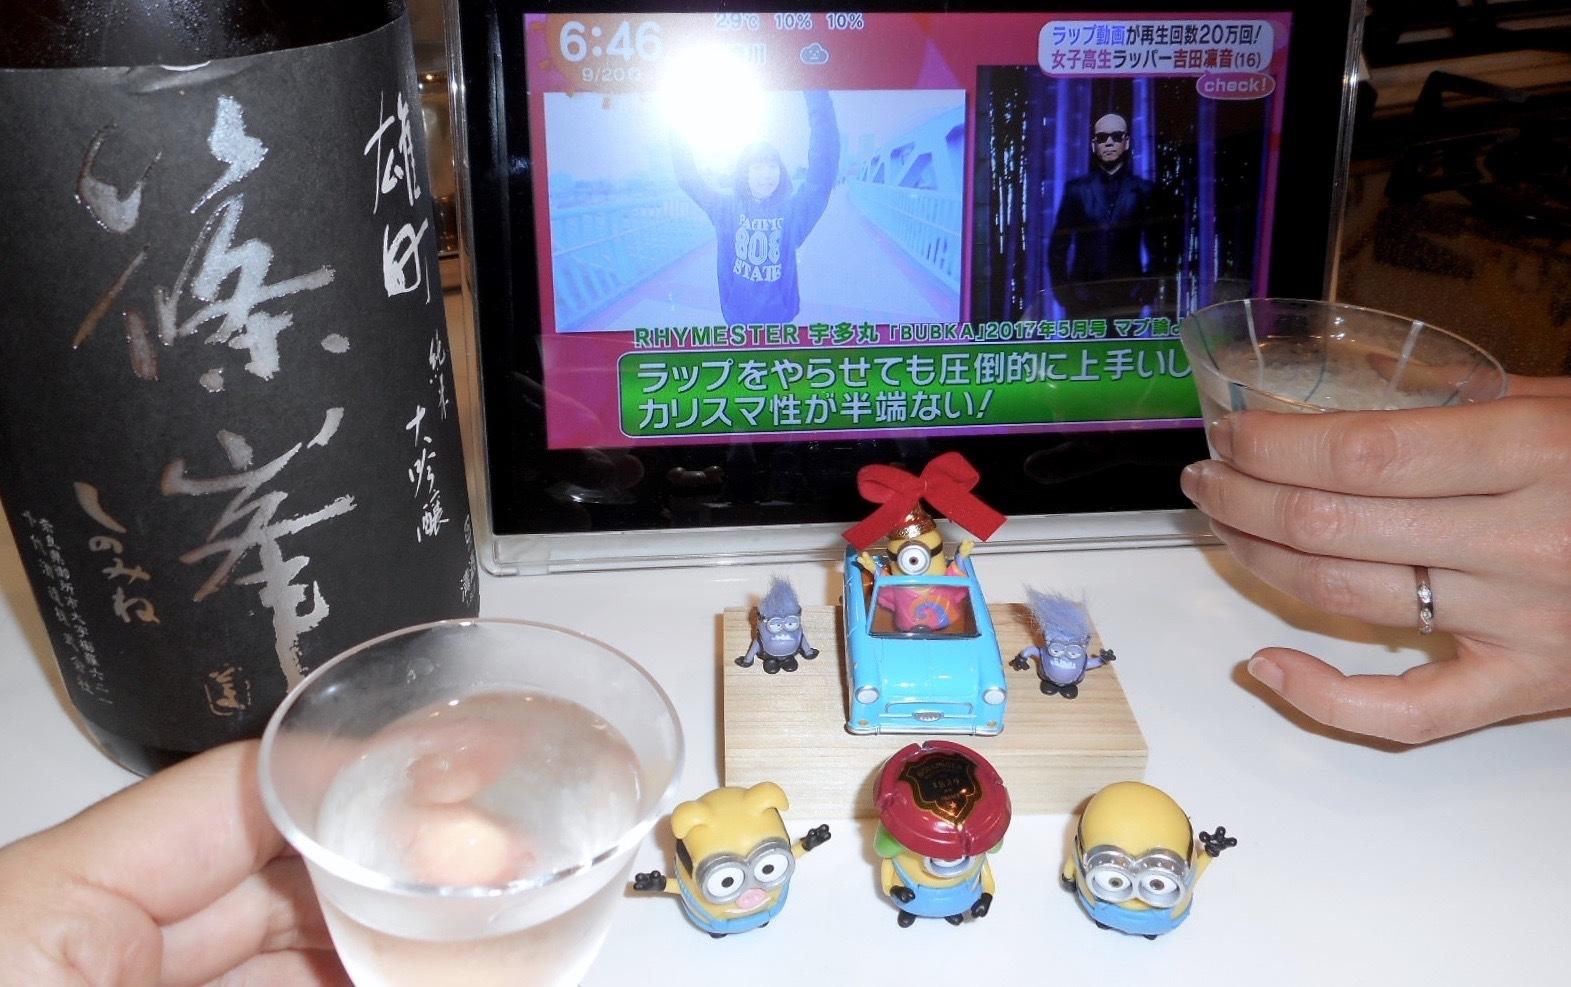 shinomine_jundai_omachi_hiire26by2_7.jpg